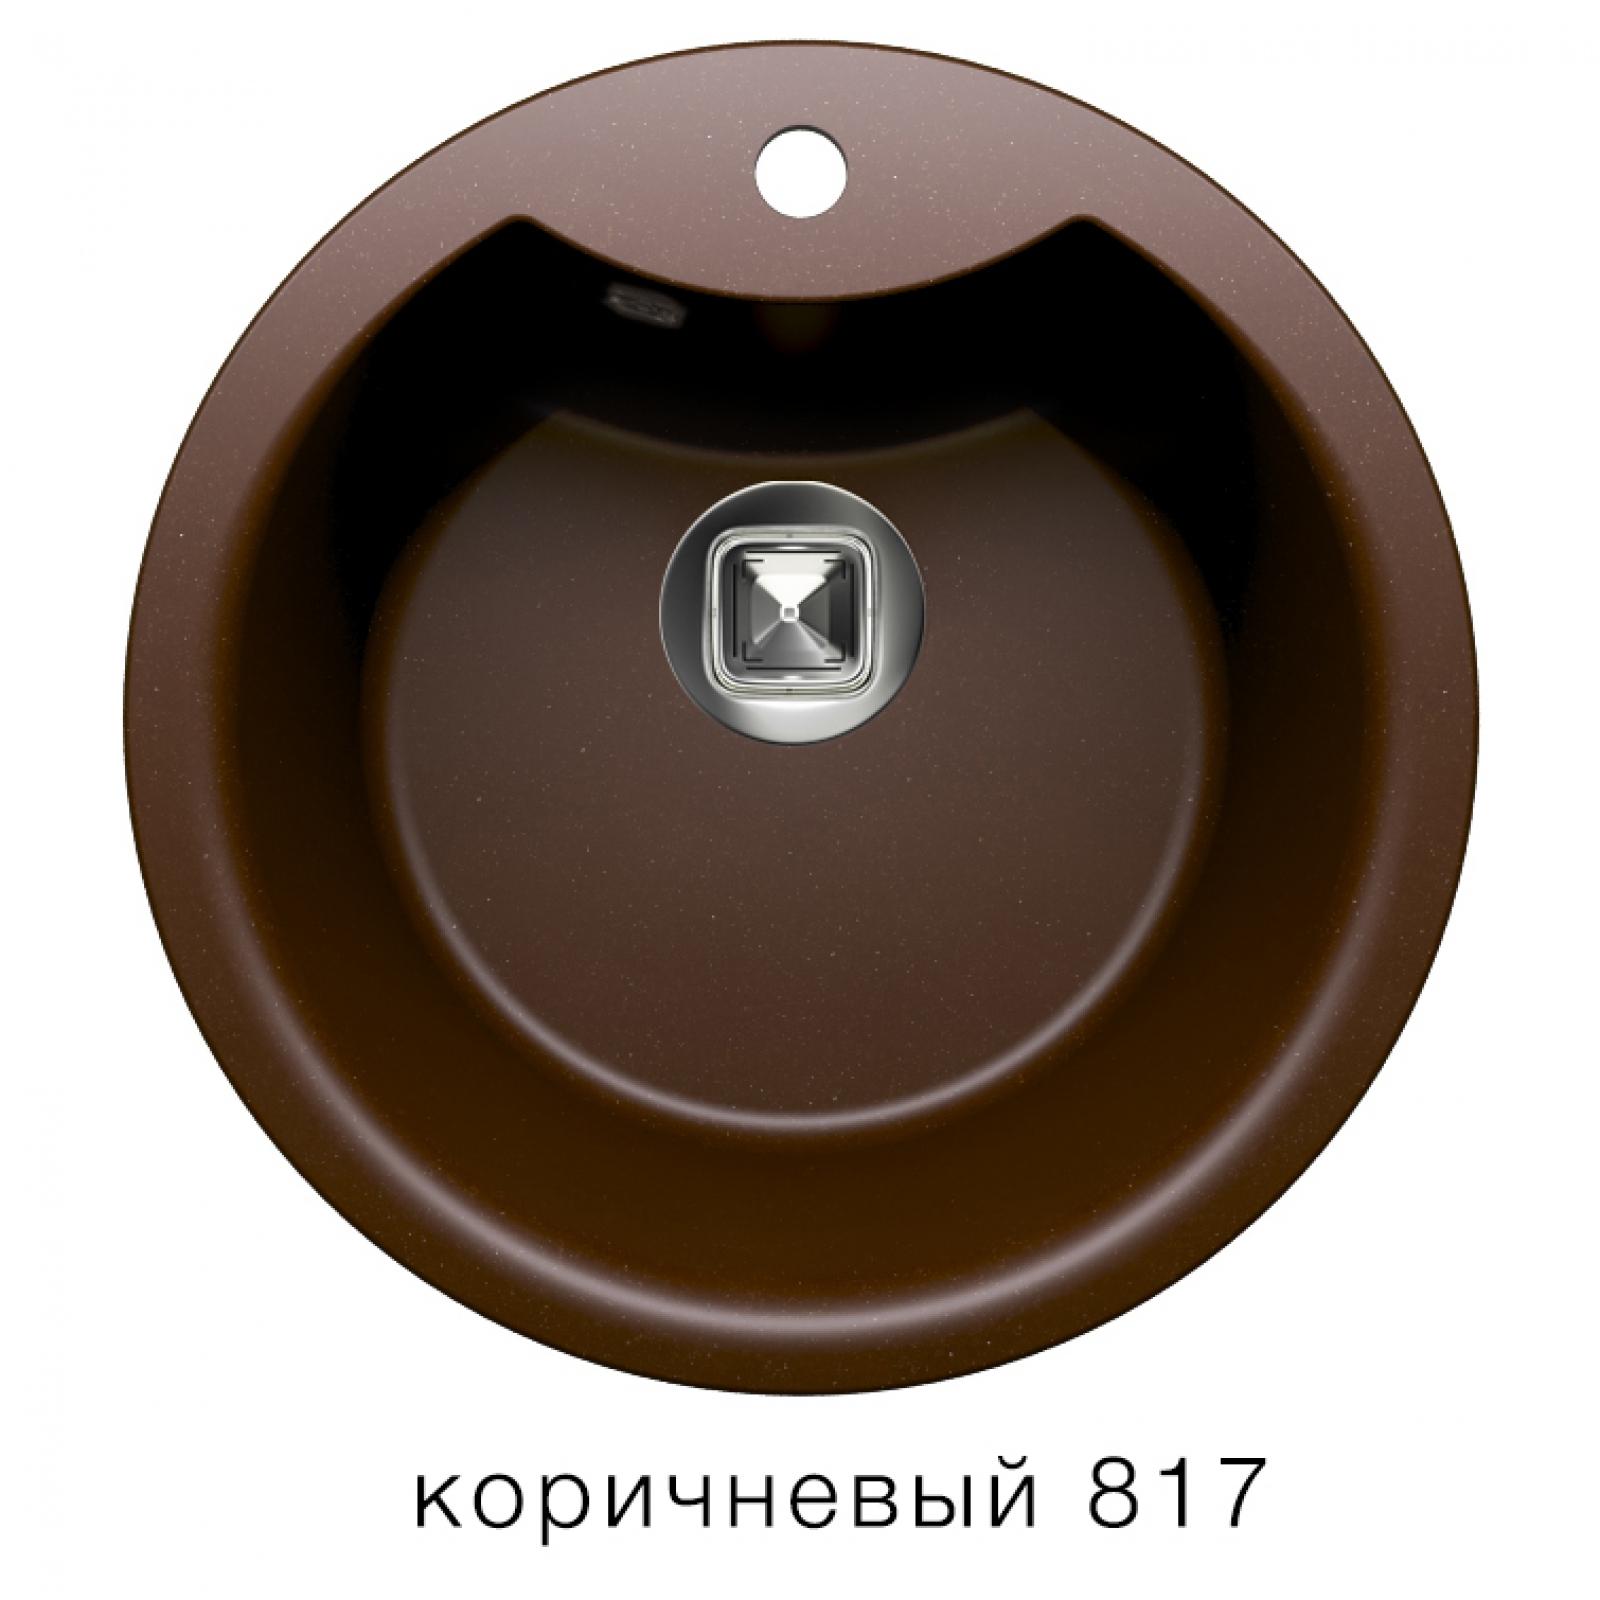 Мойка Tolero-R-108e-817, цвет - Коричневый